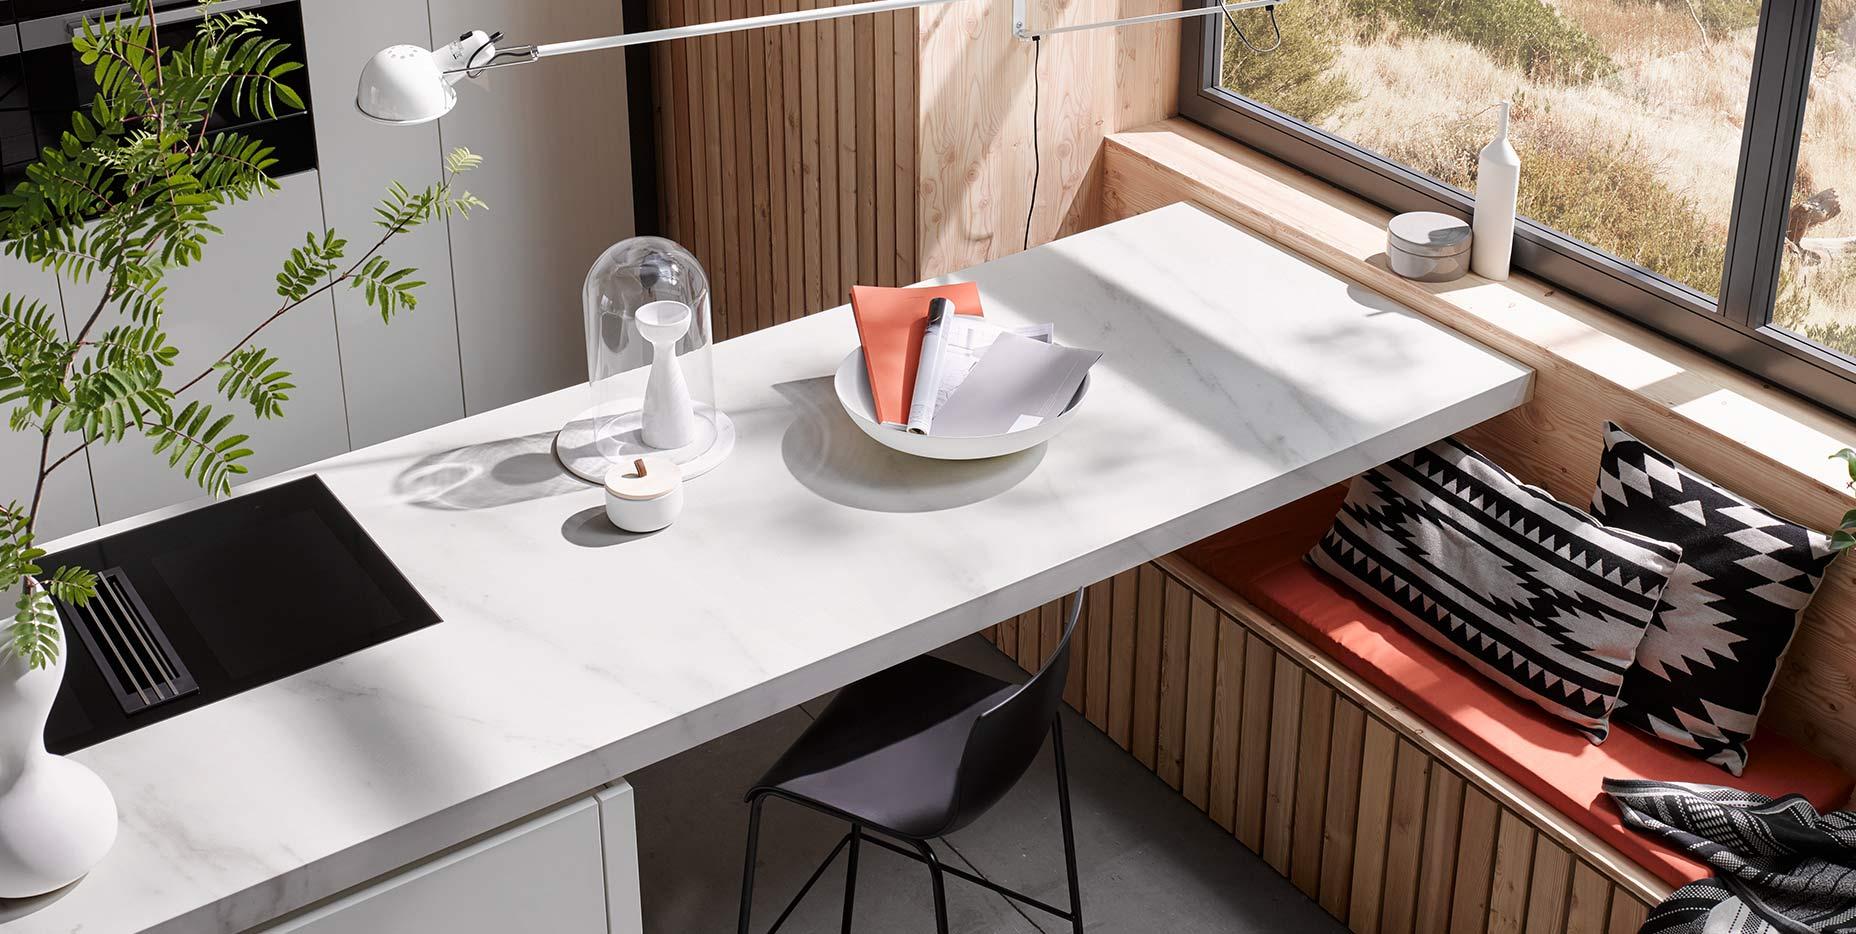 Ultimate-Luxury-Countertops